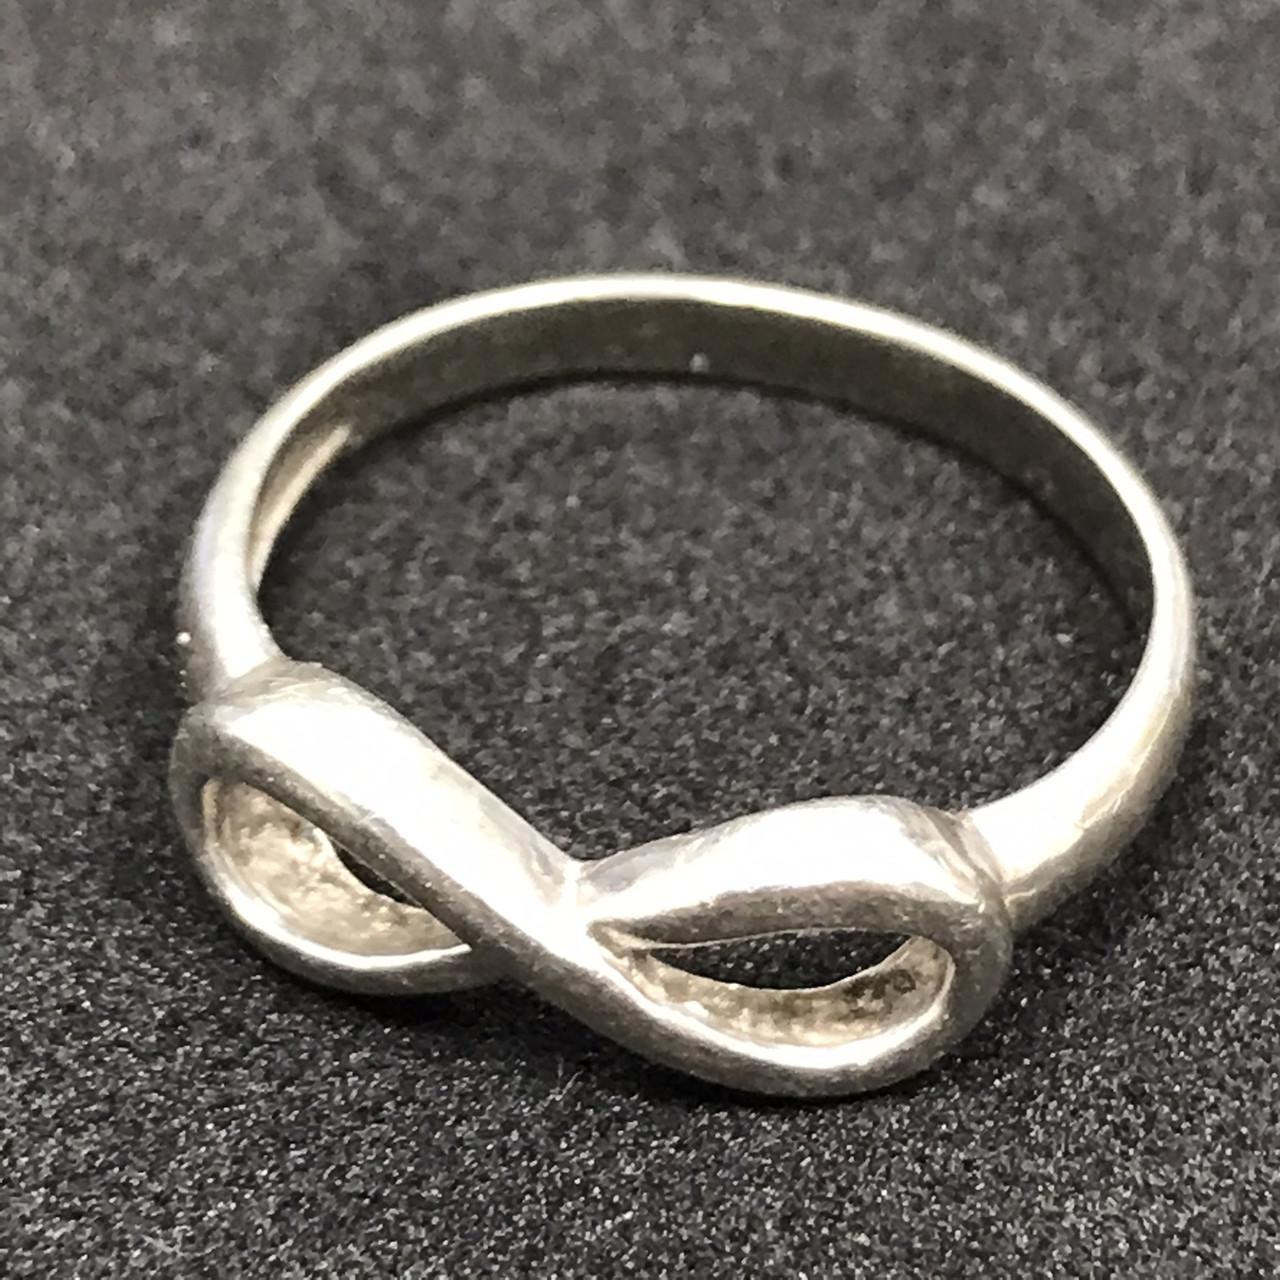 Серебряное кольцо 925 пробы, размер 16.5. Вес - 1.47 г. Б/у. Продажа из ломбарда